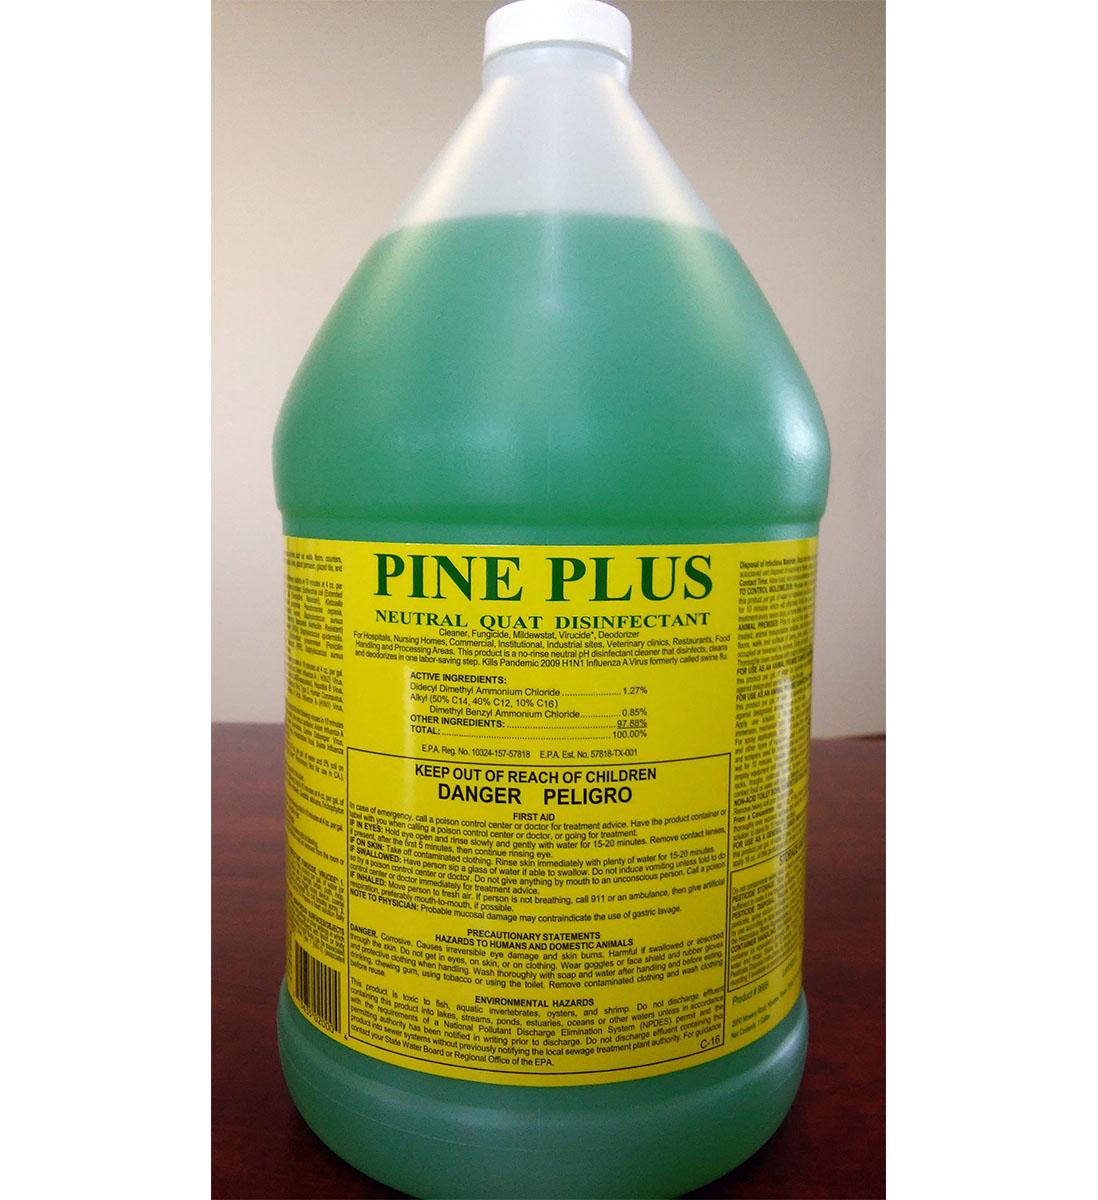 Pine Plus